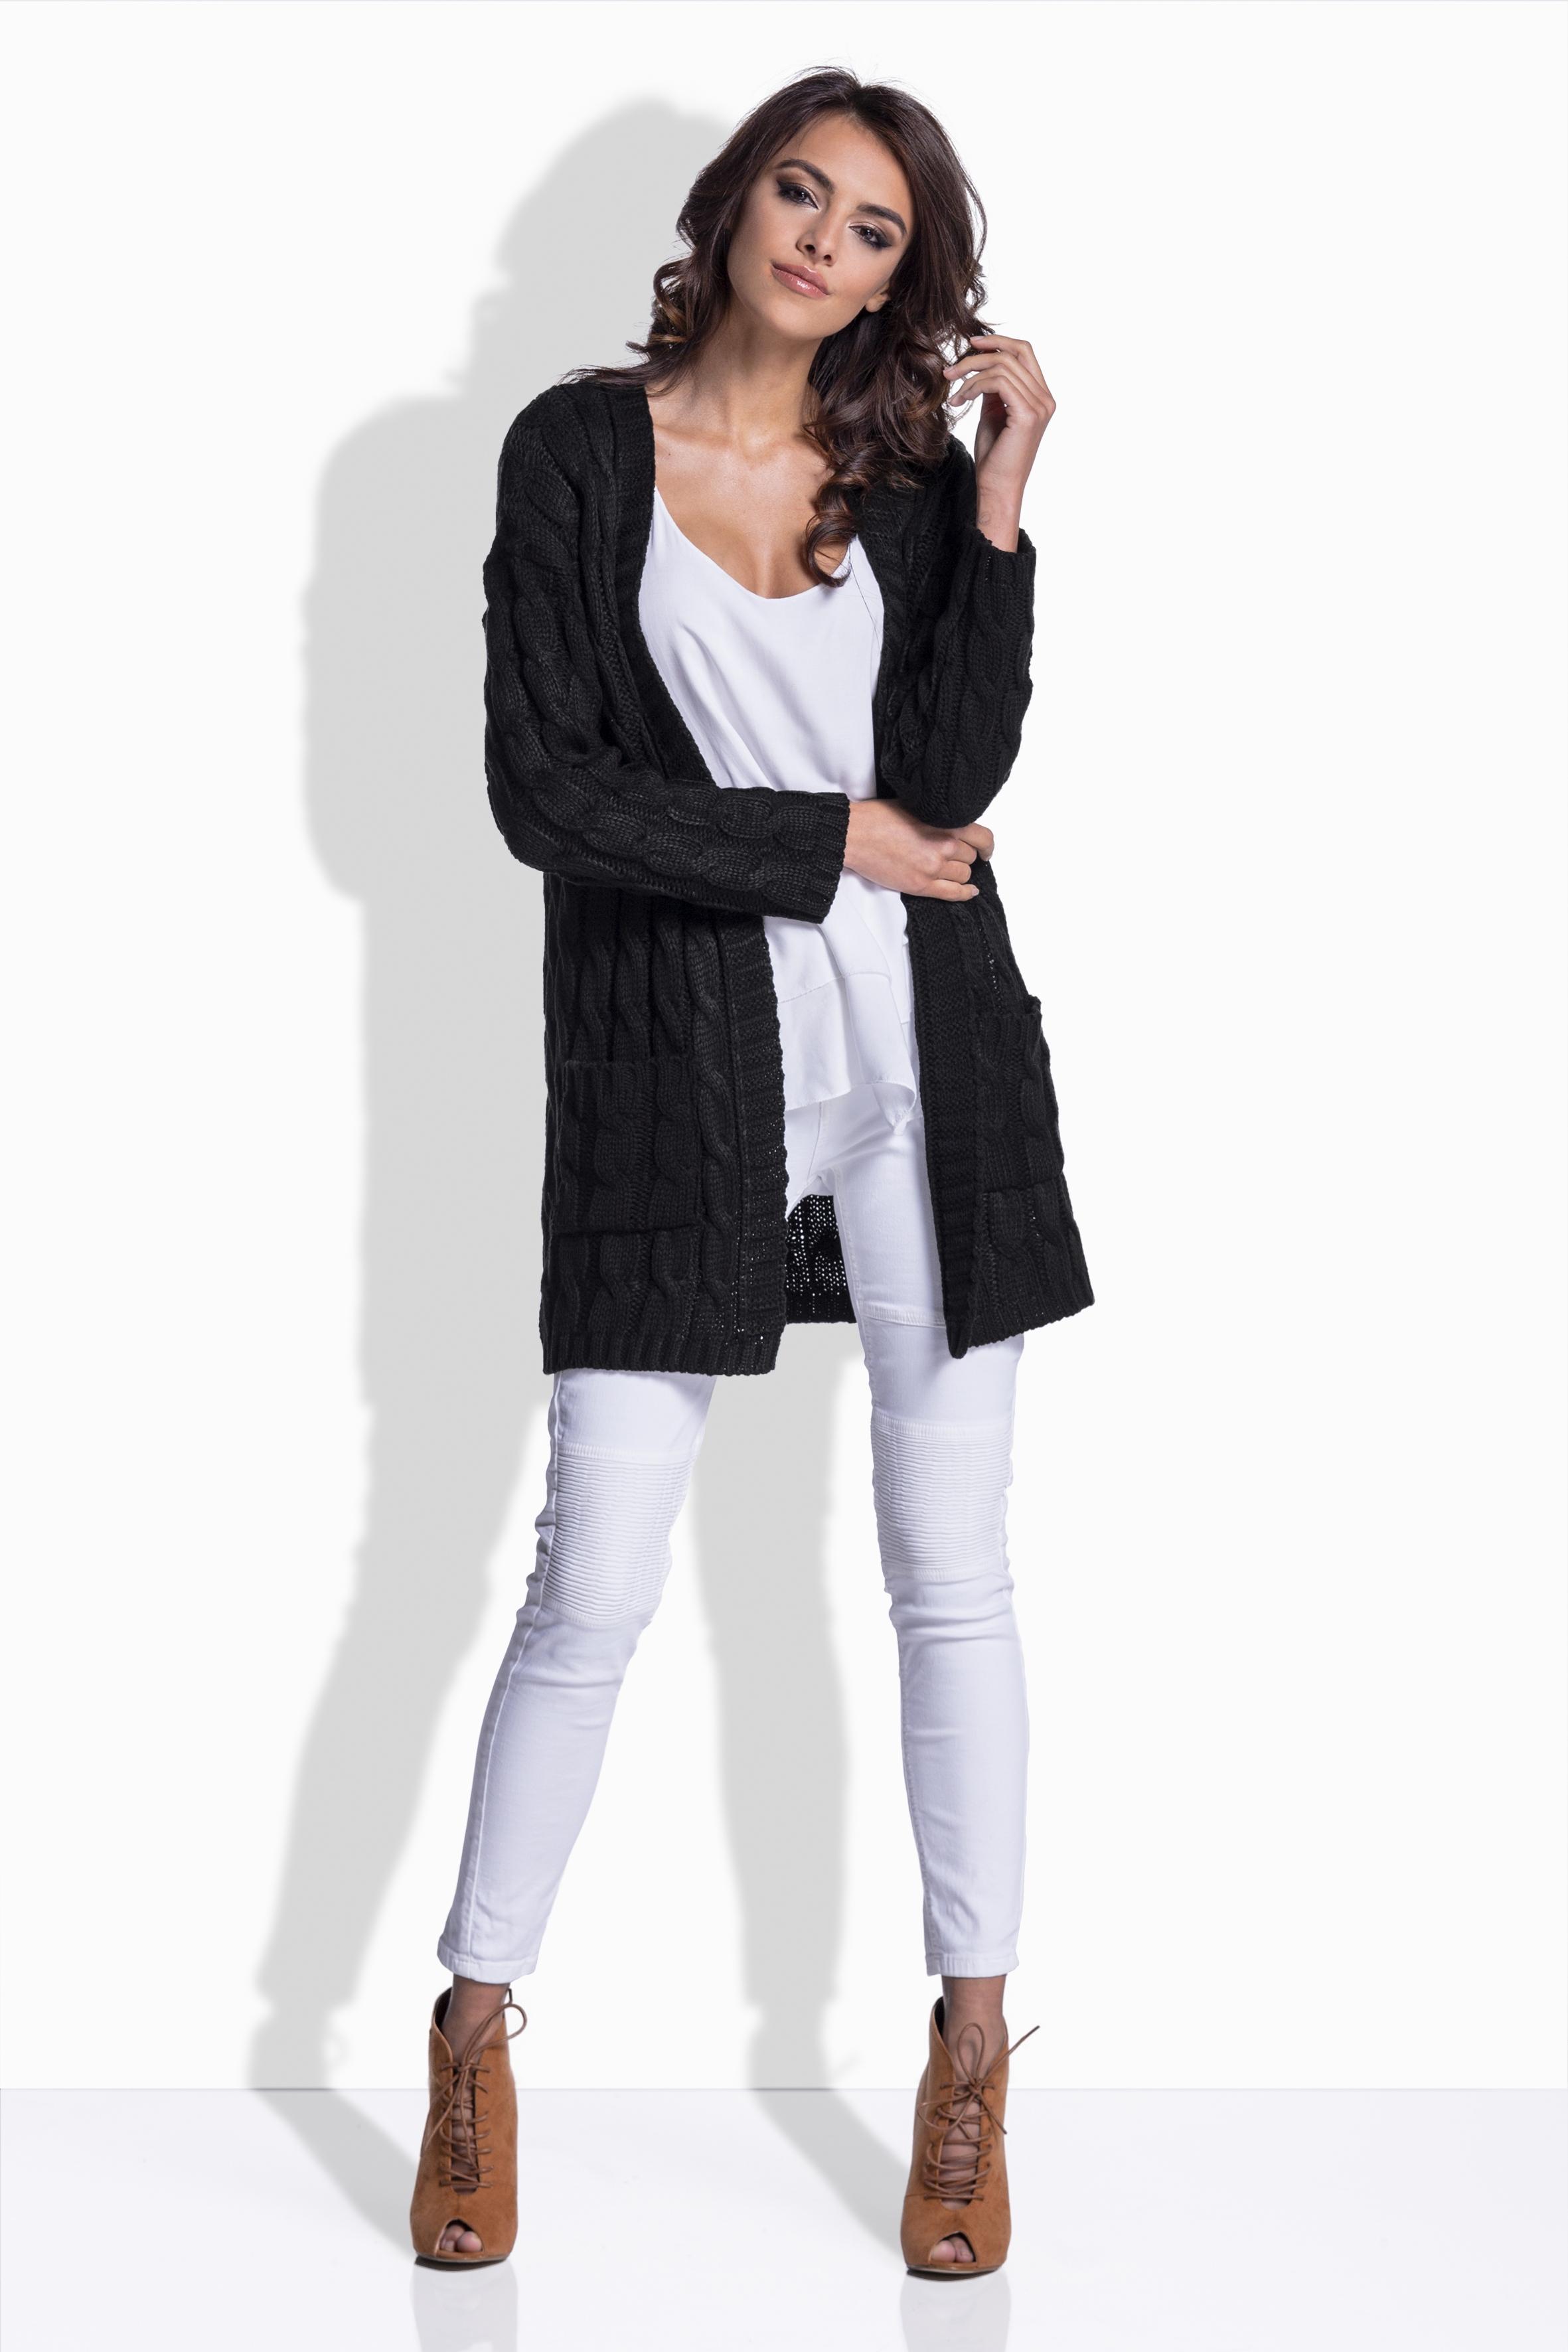 Pletený svetr s kapsami, černá, jednotná